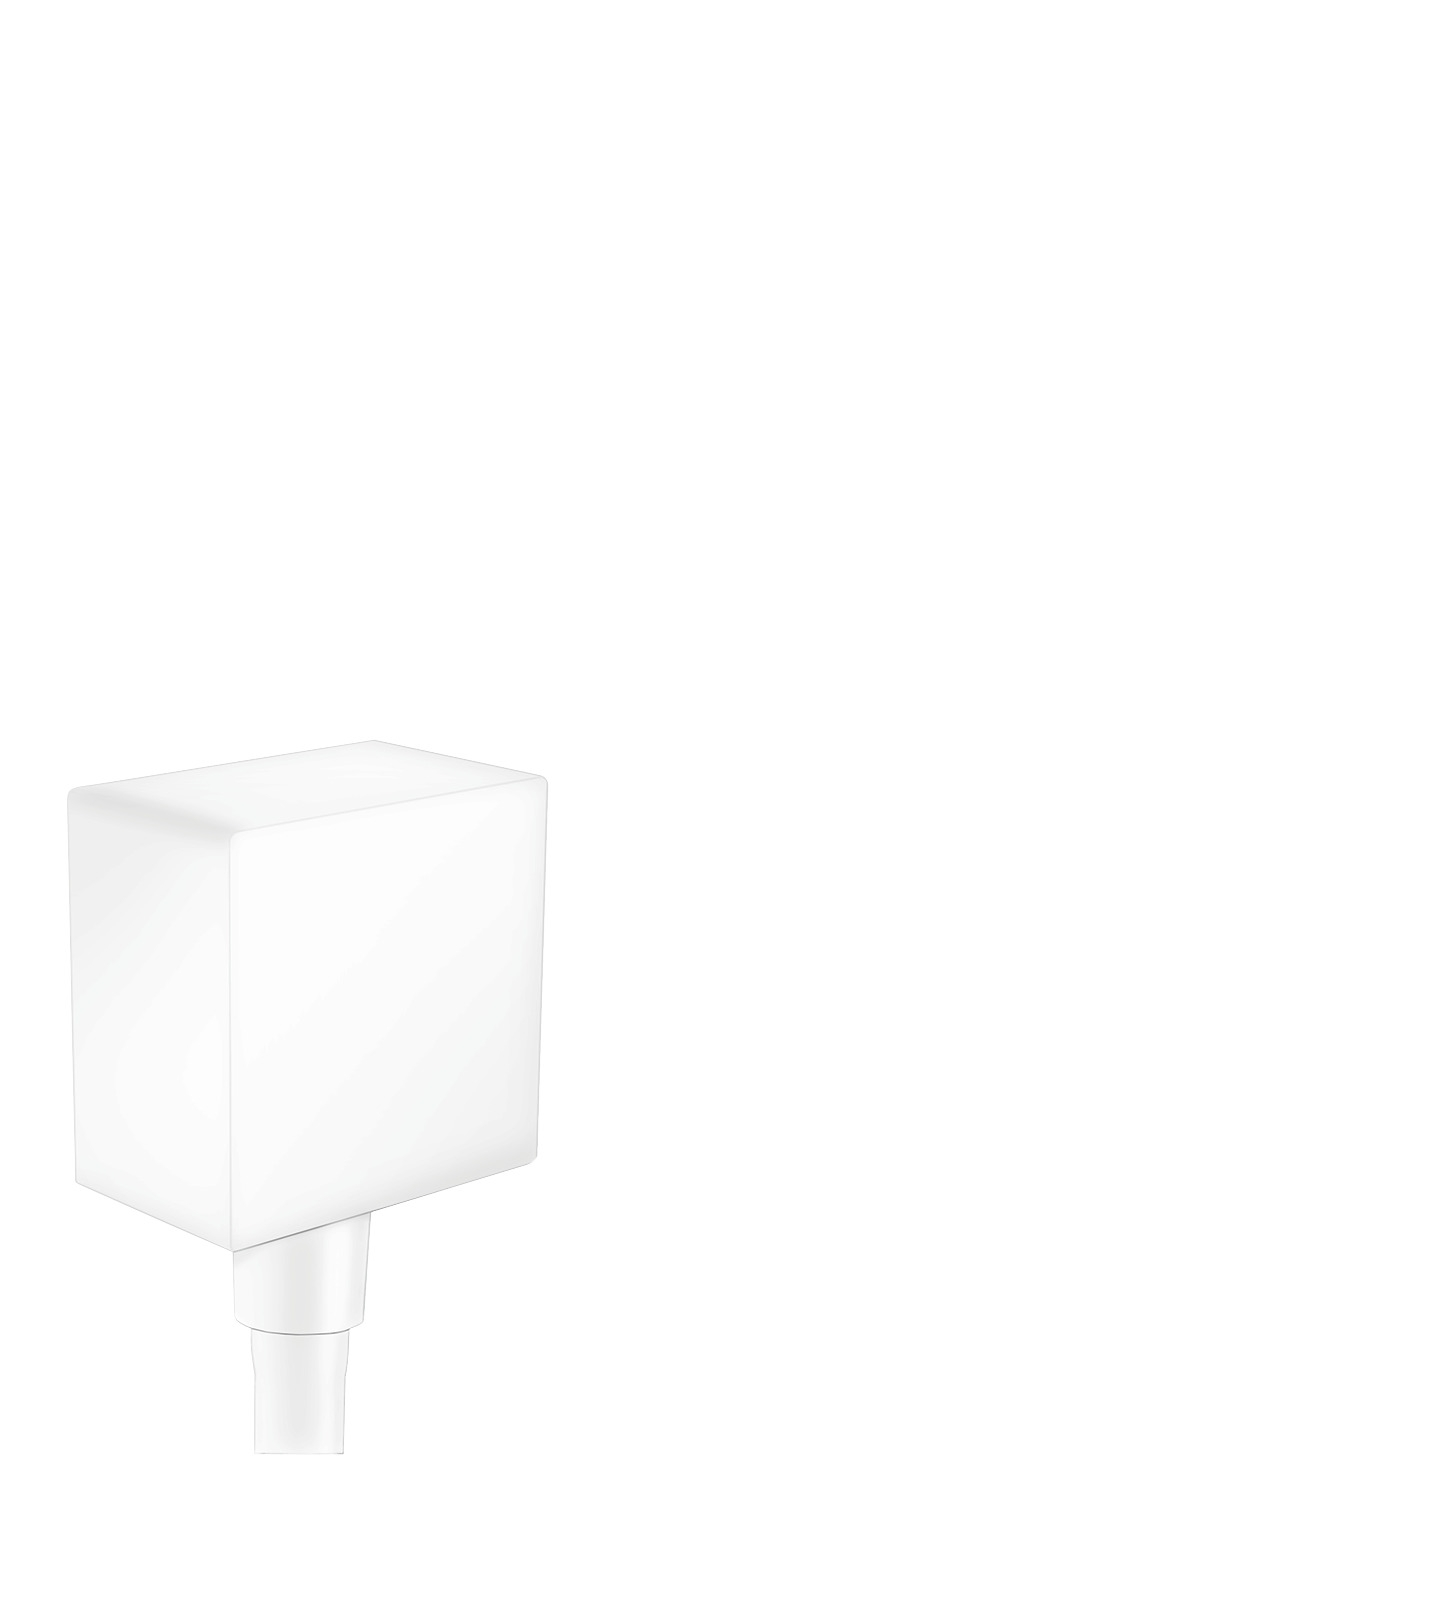 Шланговое подсоединение hansgrohe FixFit Square с клапаном обратного тока 26455700